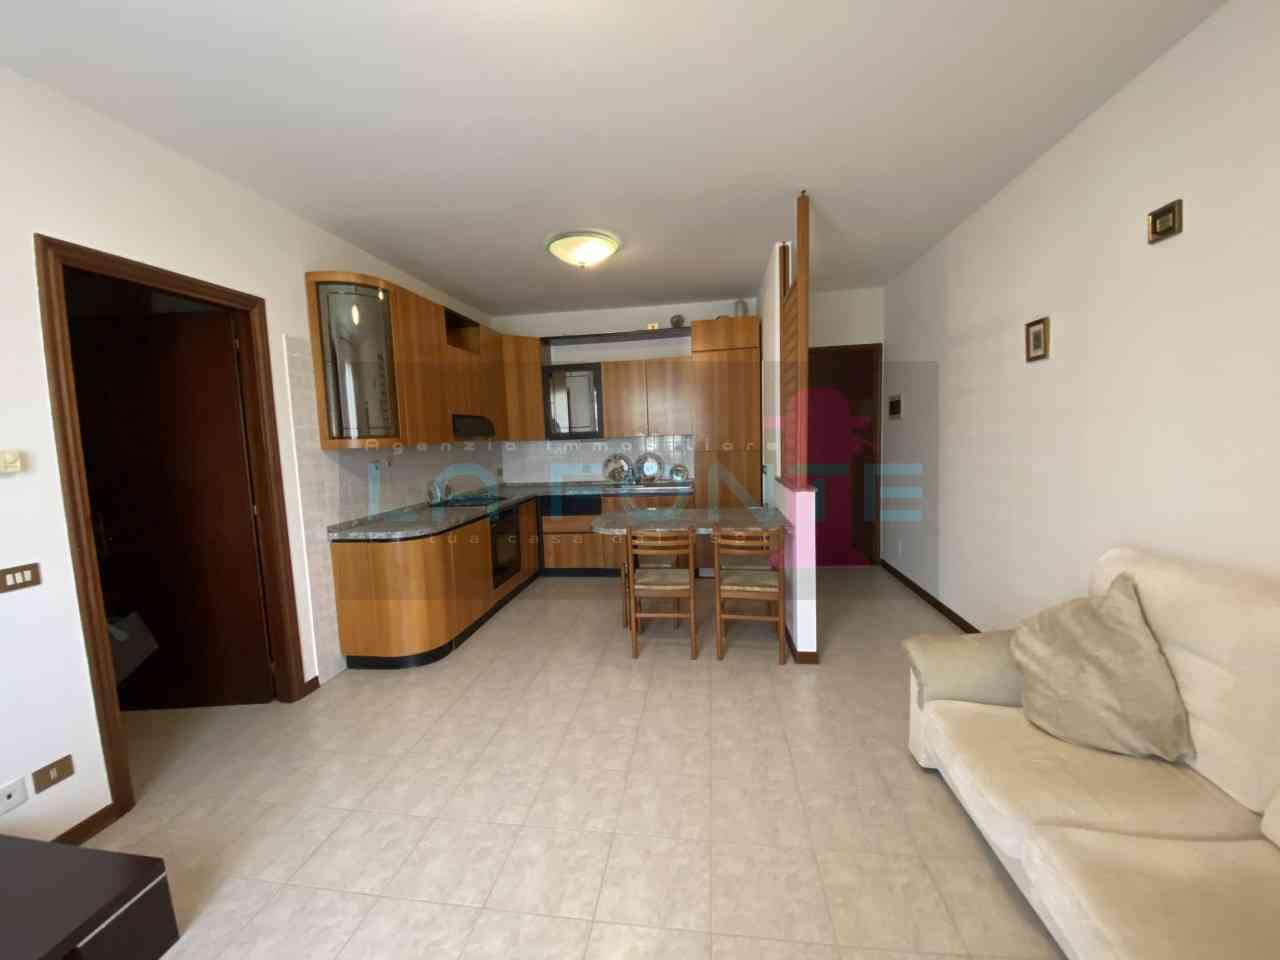 Agenzia Immobiliare Vigodarzere agenzia immobiliare a vigonza | appartamenti, case, uffici